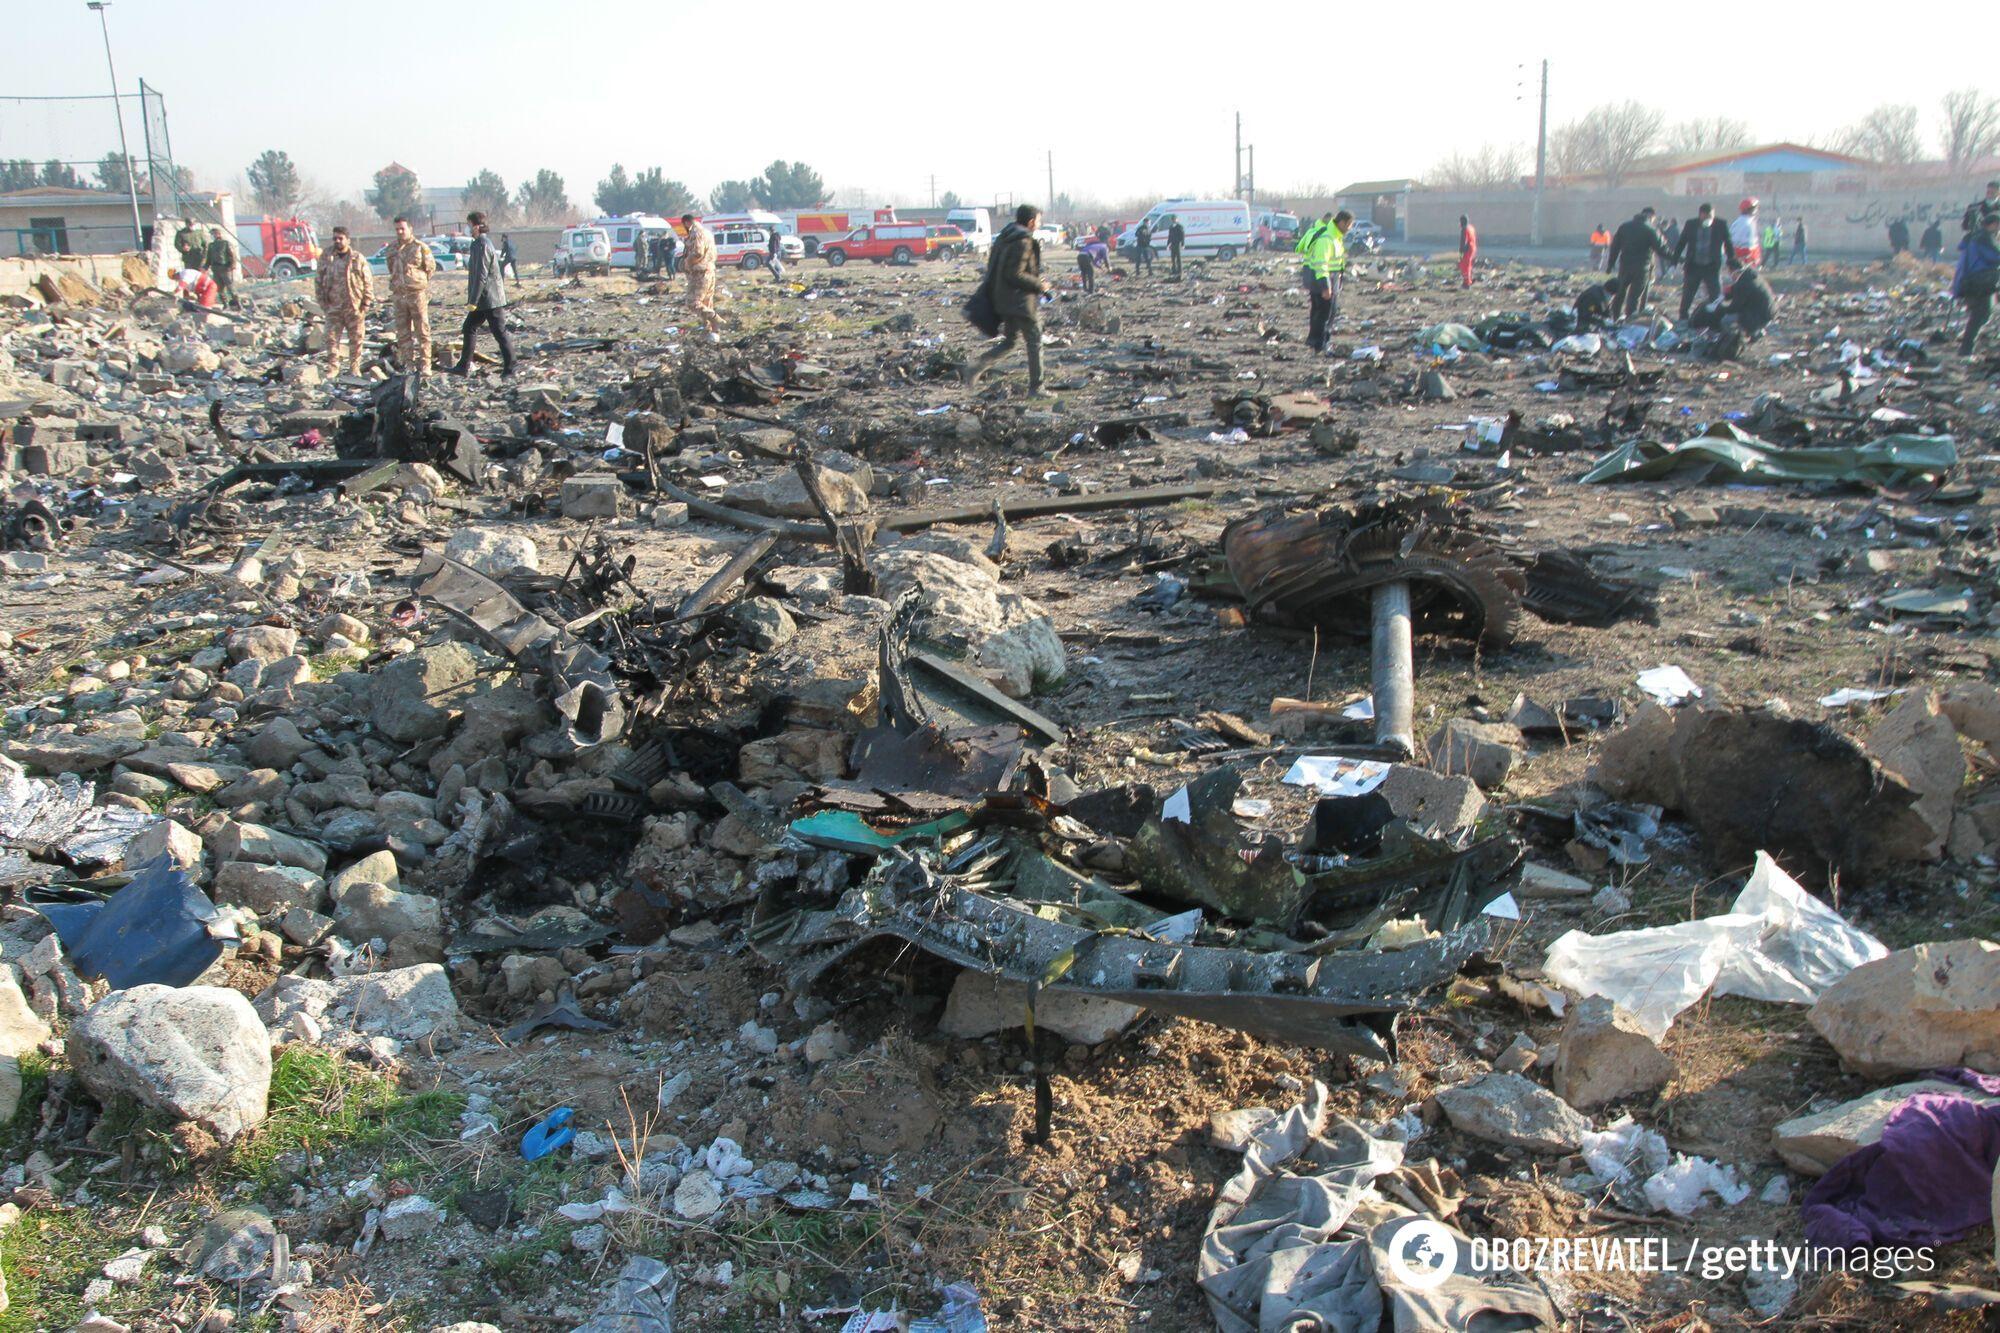 Експерти працюють на місці катастрофи українського літака авіакомпанії МАУ неподалік Тегерану